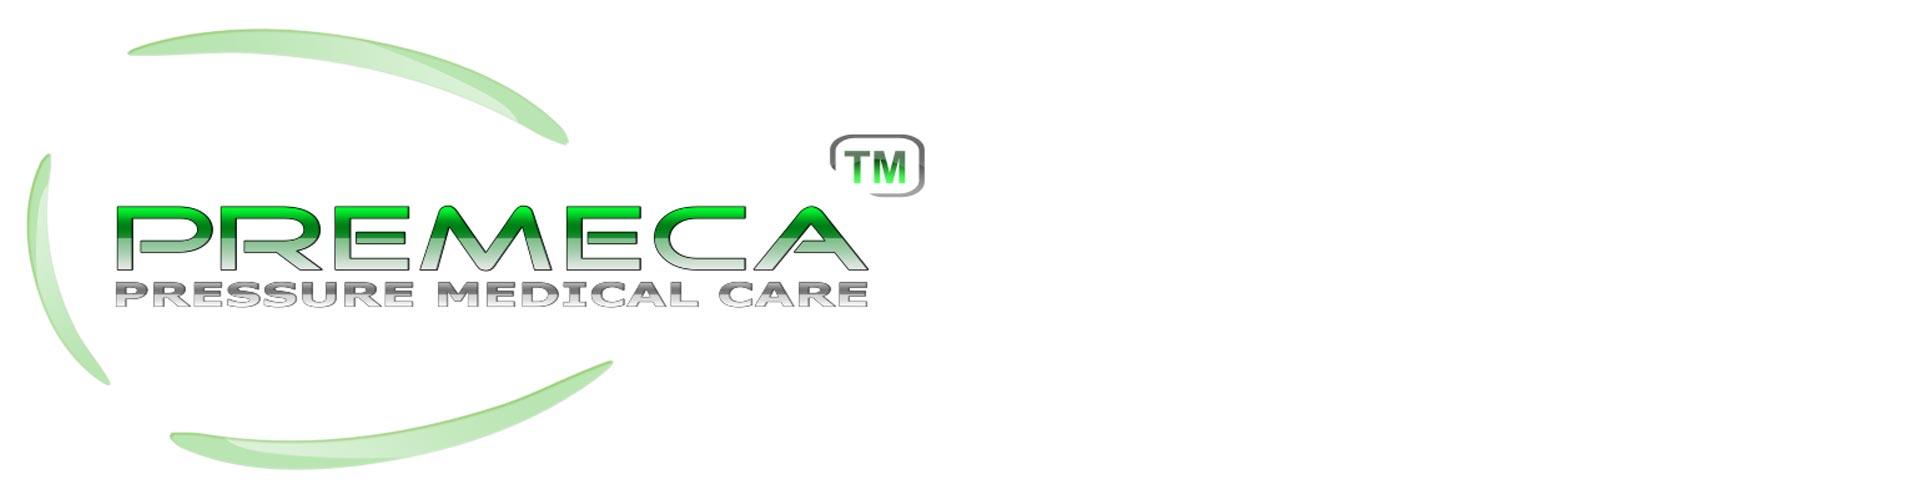 Premeca pressure medical care Hérault France